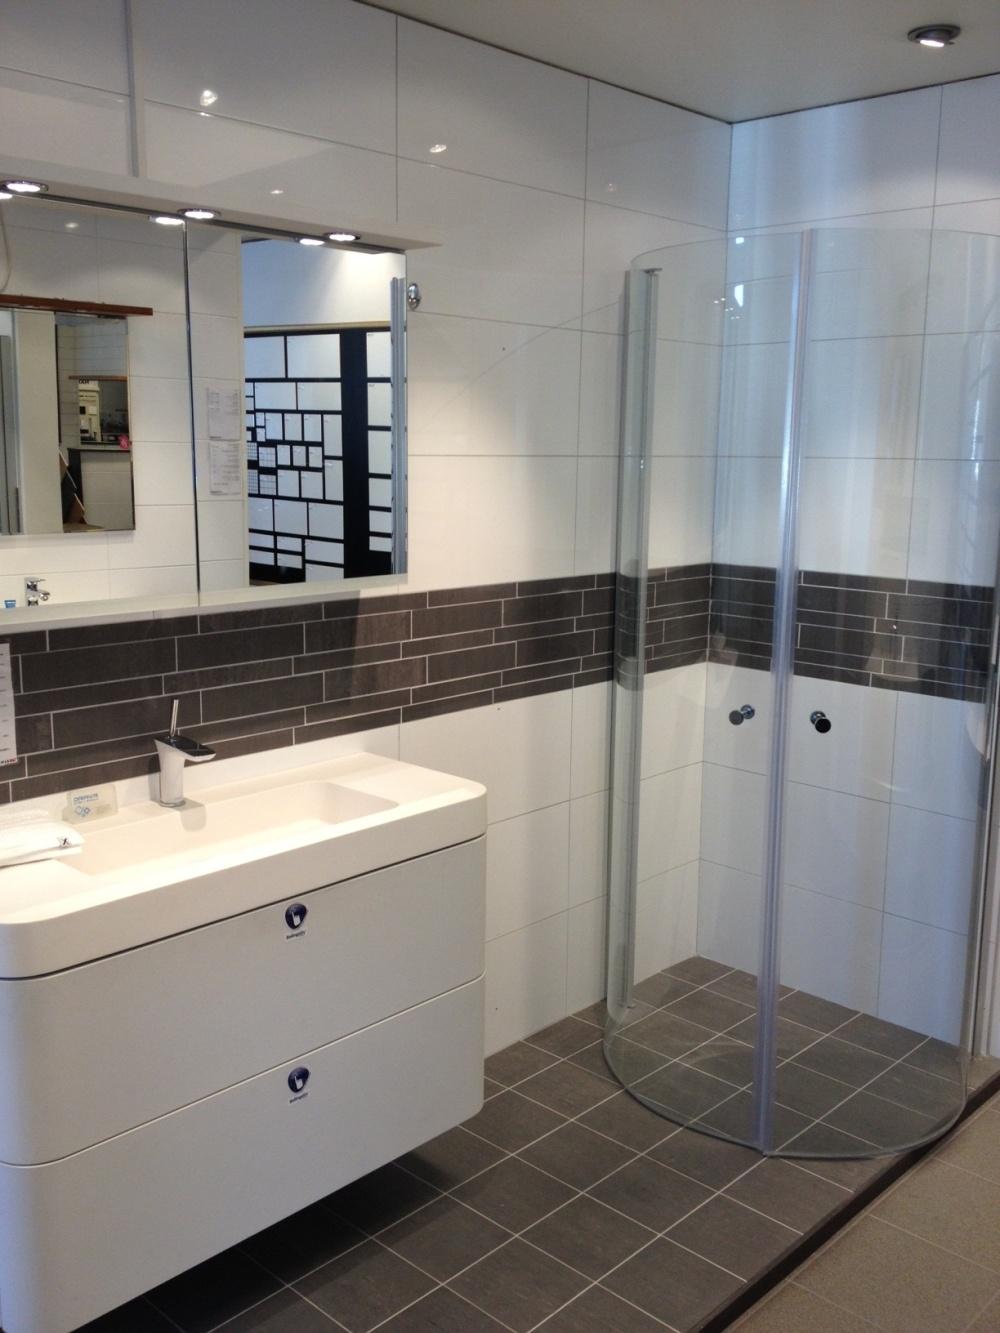 Miljöbild över badrum med vitt kakel på väggar och grått kakel på golv. Mitt på väggen går en bård av grå mosaik.